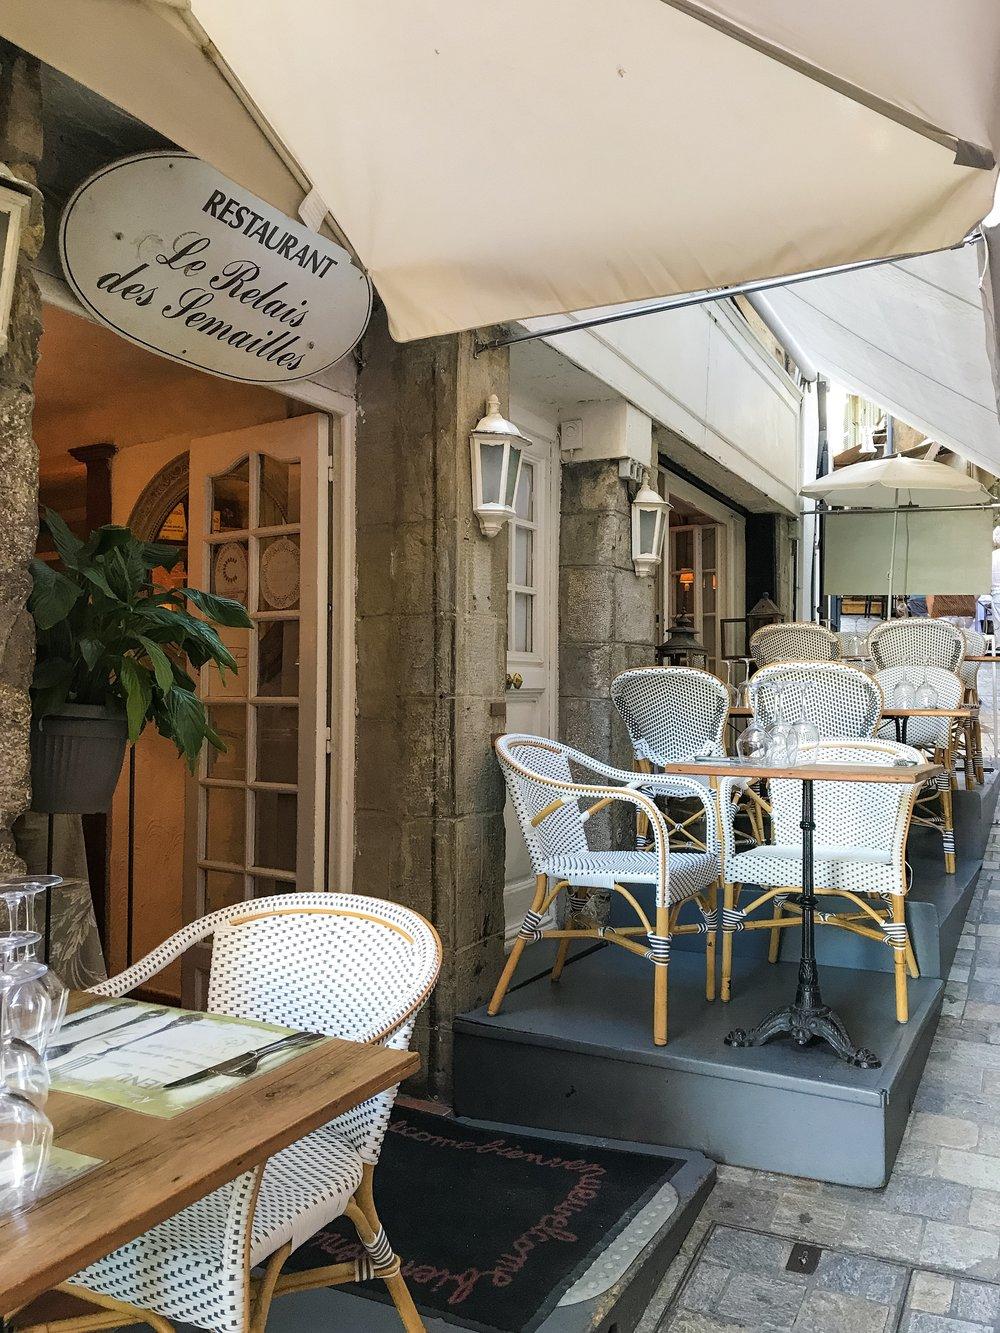 Le Suquet sidewalk restaurants